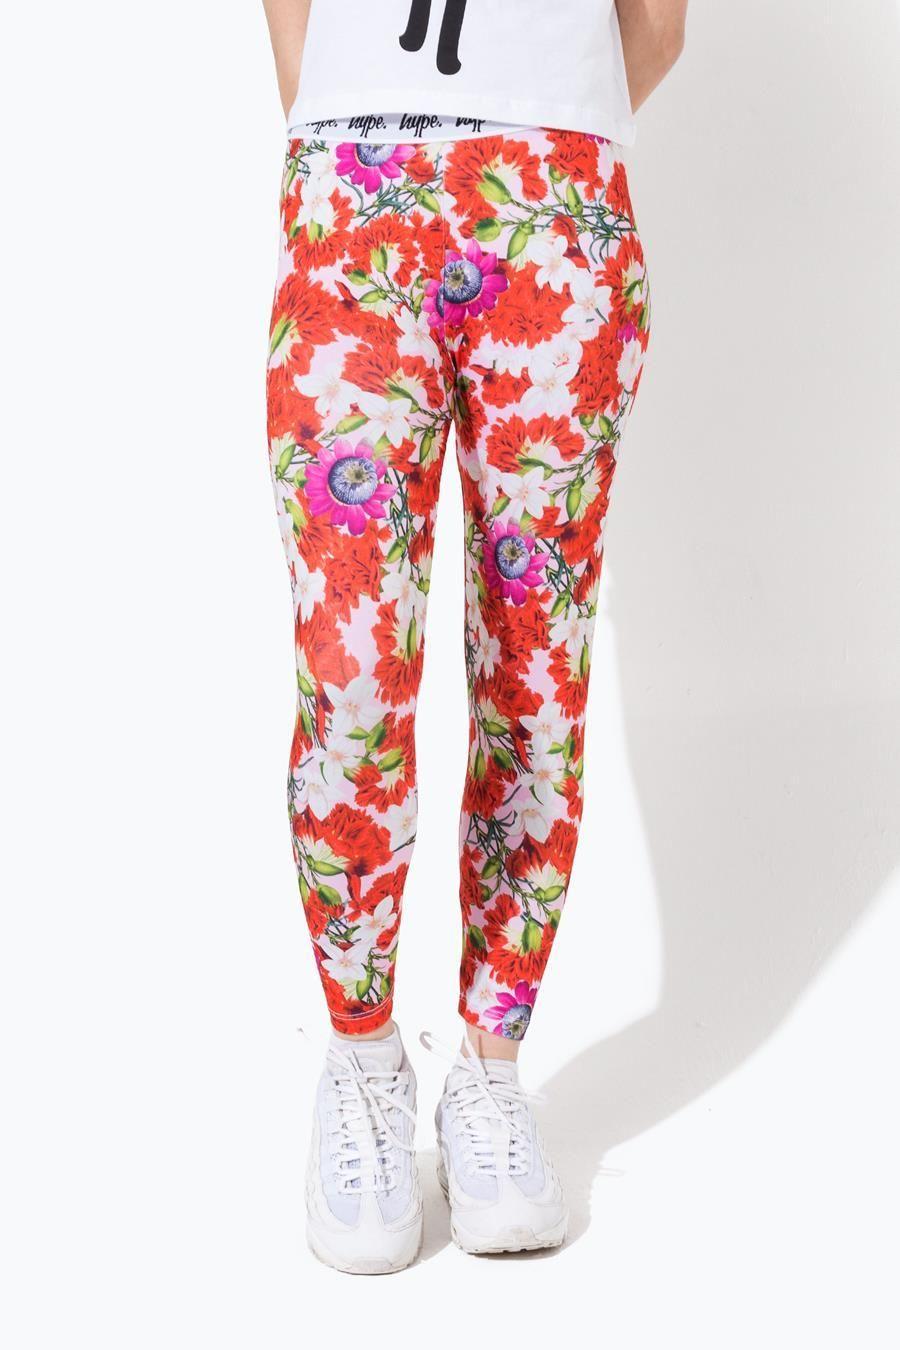 Hype Pink Floral Kids Leggings